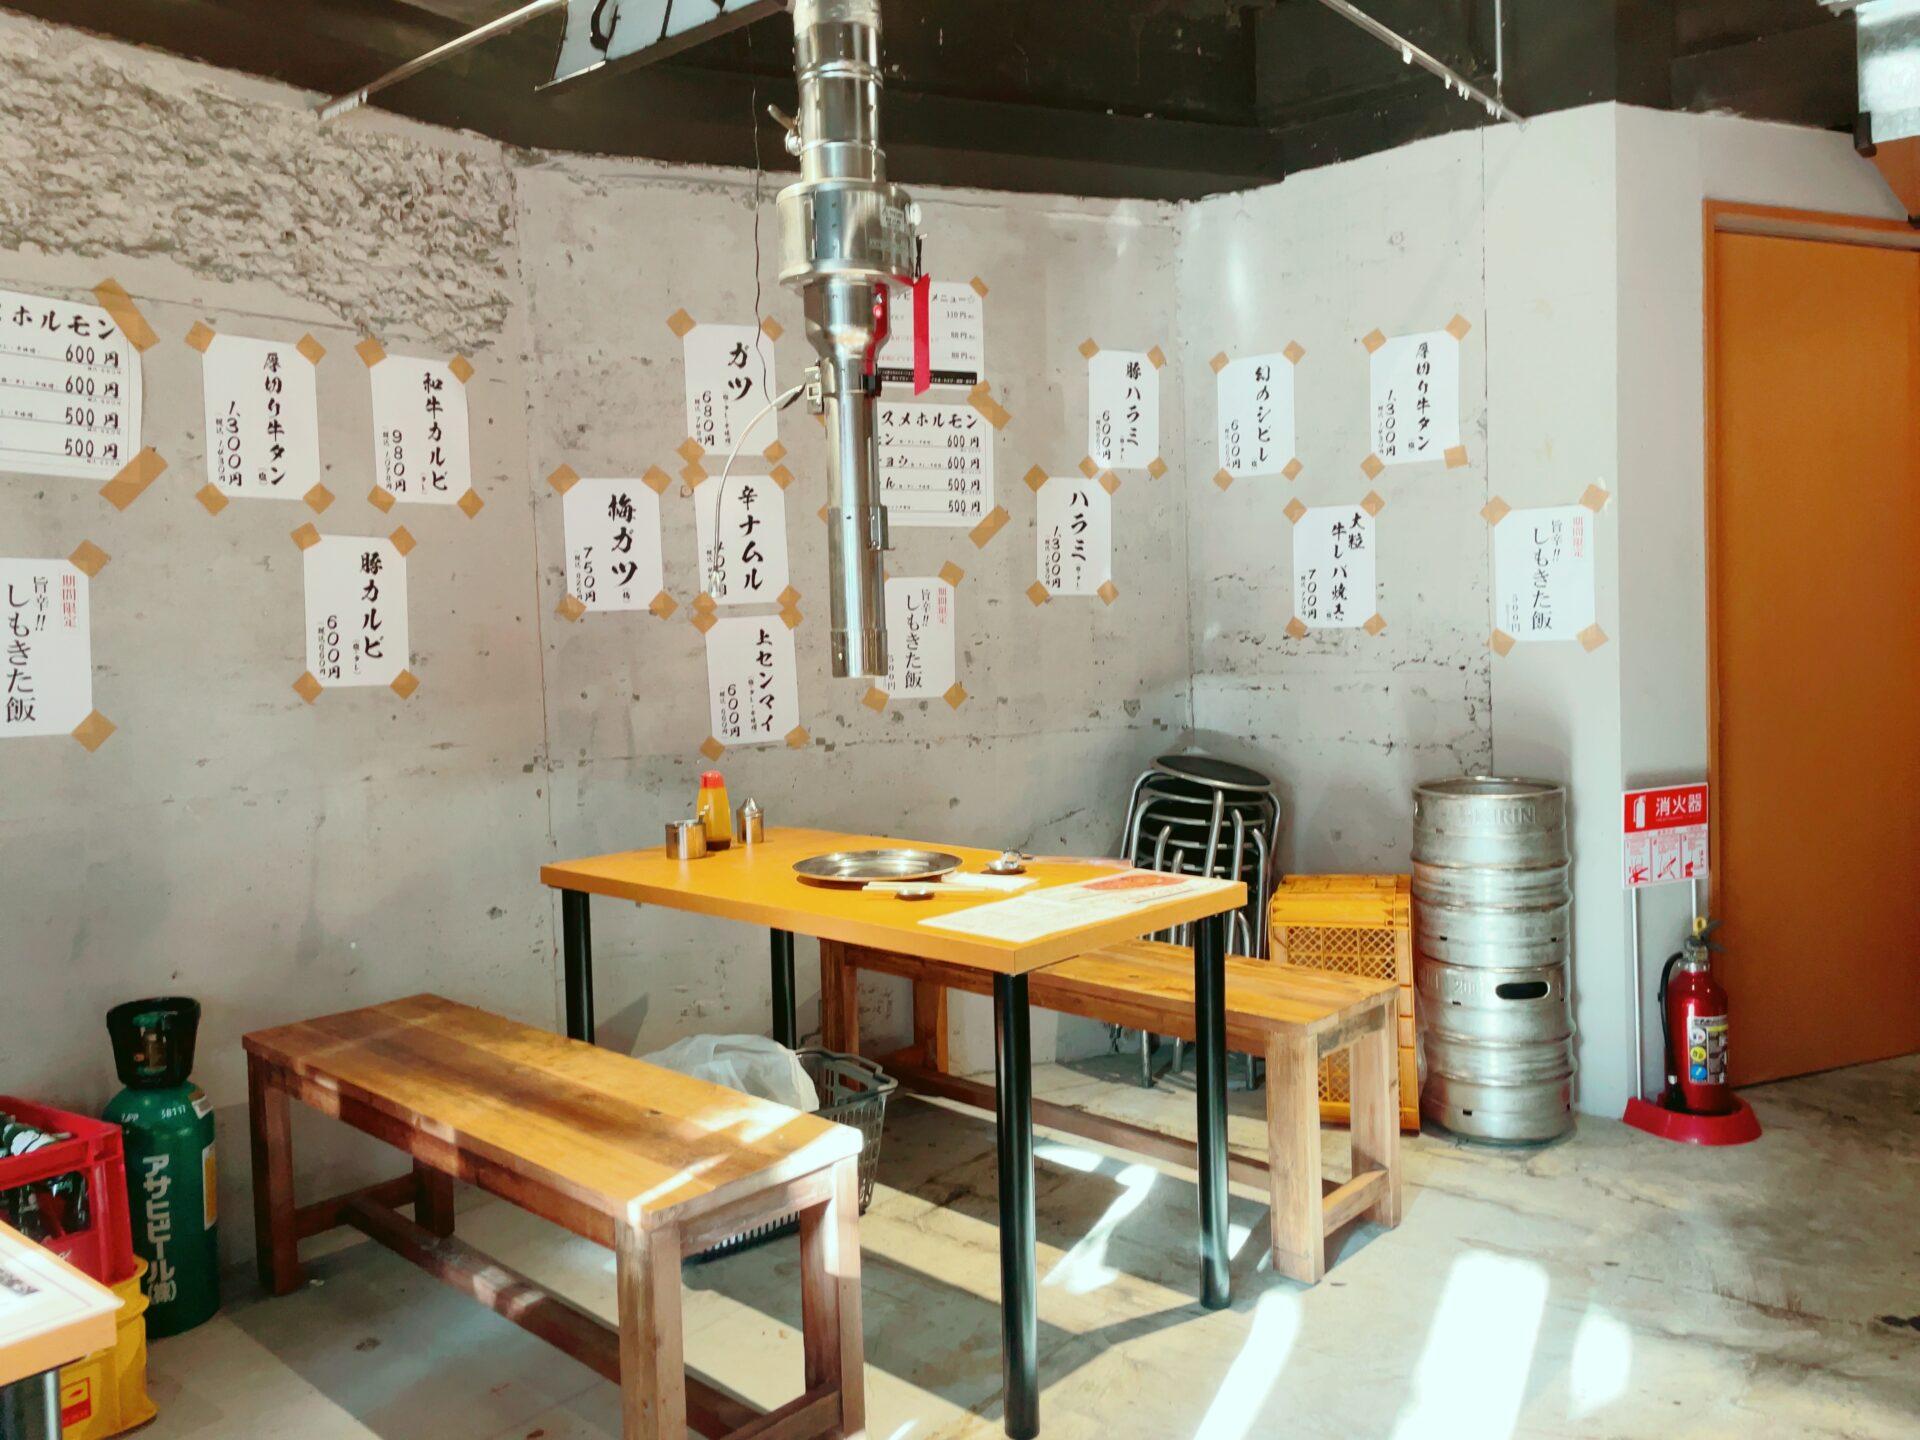 ホルモン青木 下北沢店のテーブル席